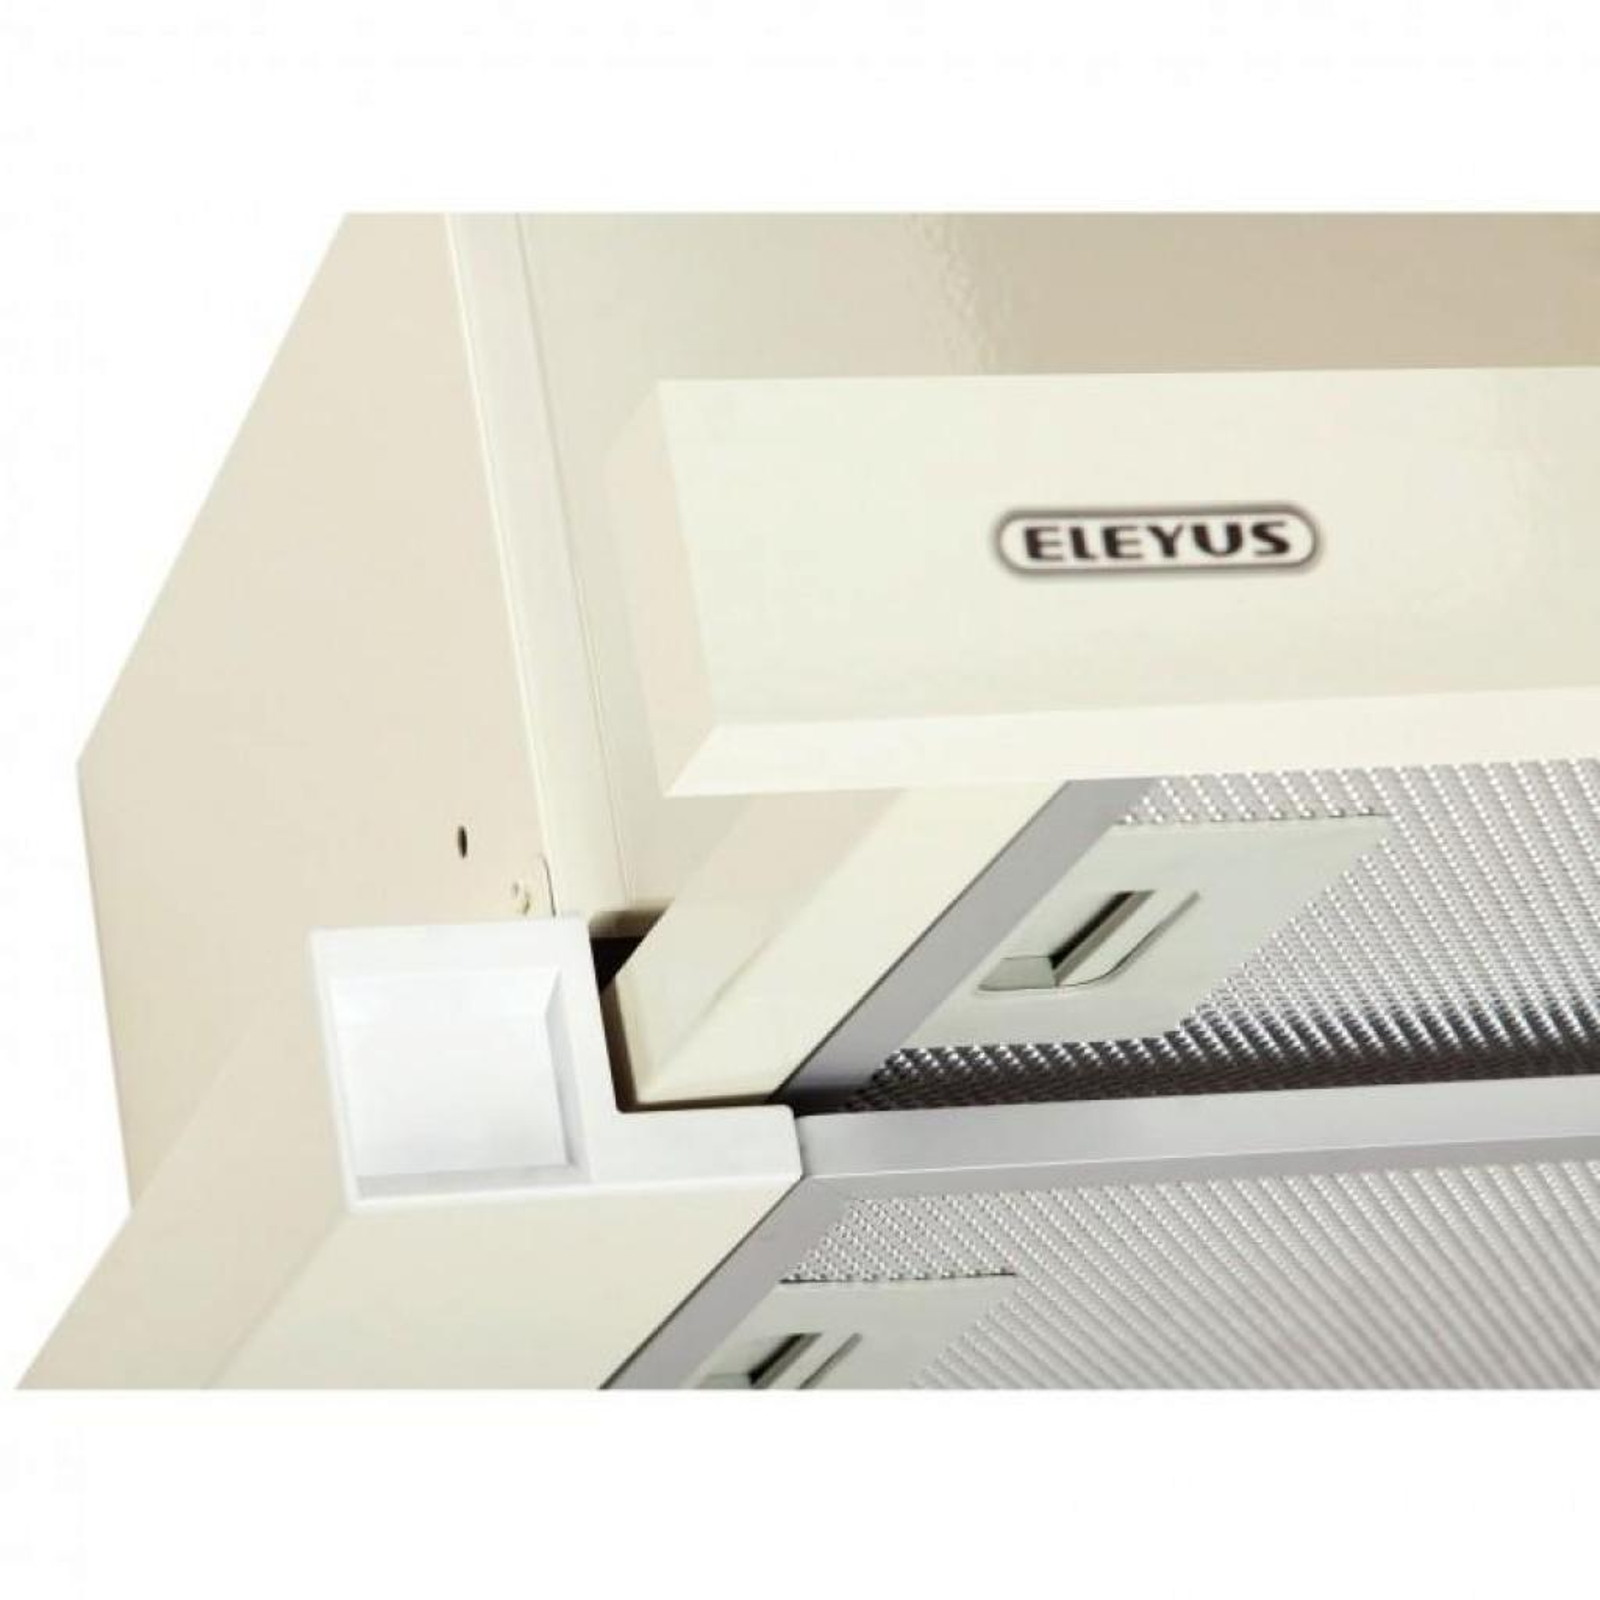 Вытяжка кухонная Eleyus Cyclon 470 50 BG изображение 9